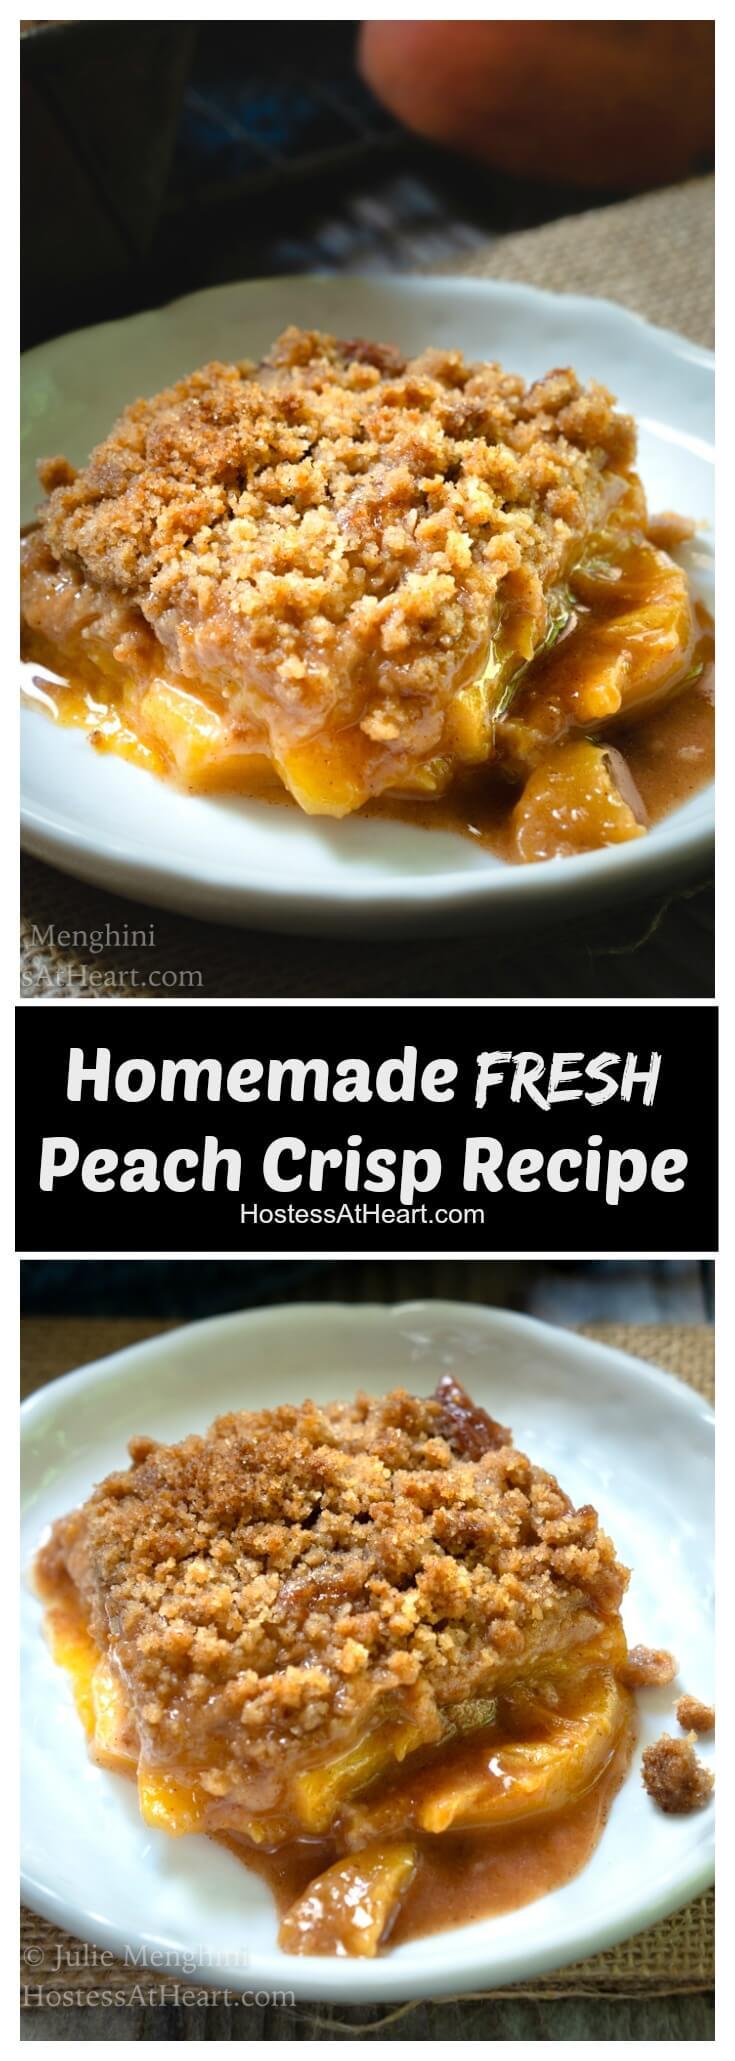 Homemade Fresh Peach Crisp collage for Pinterest